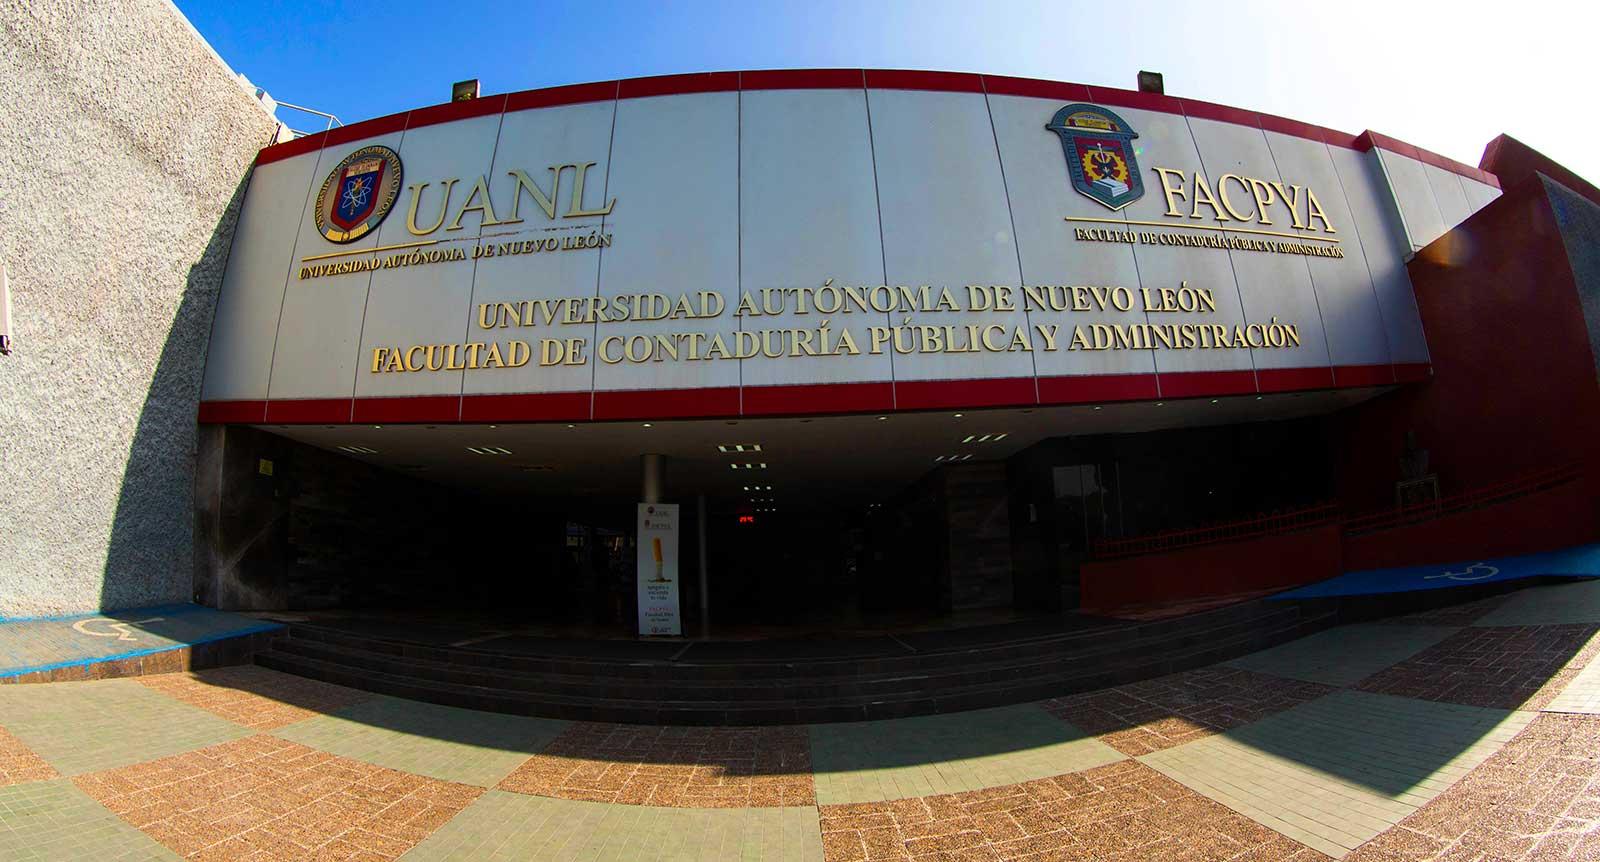 Facultad de Contaduría Pública y Administración